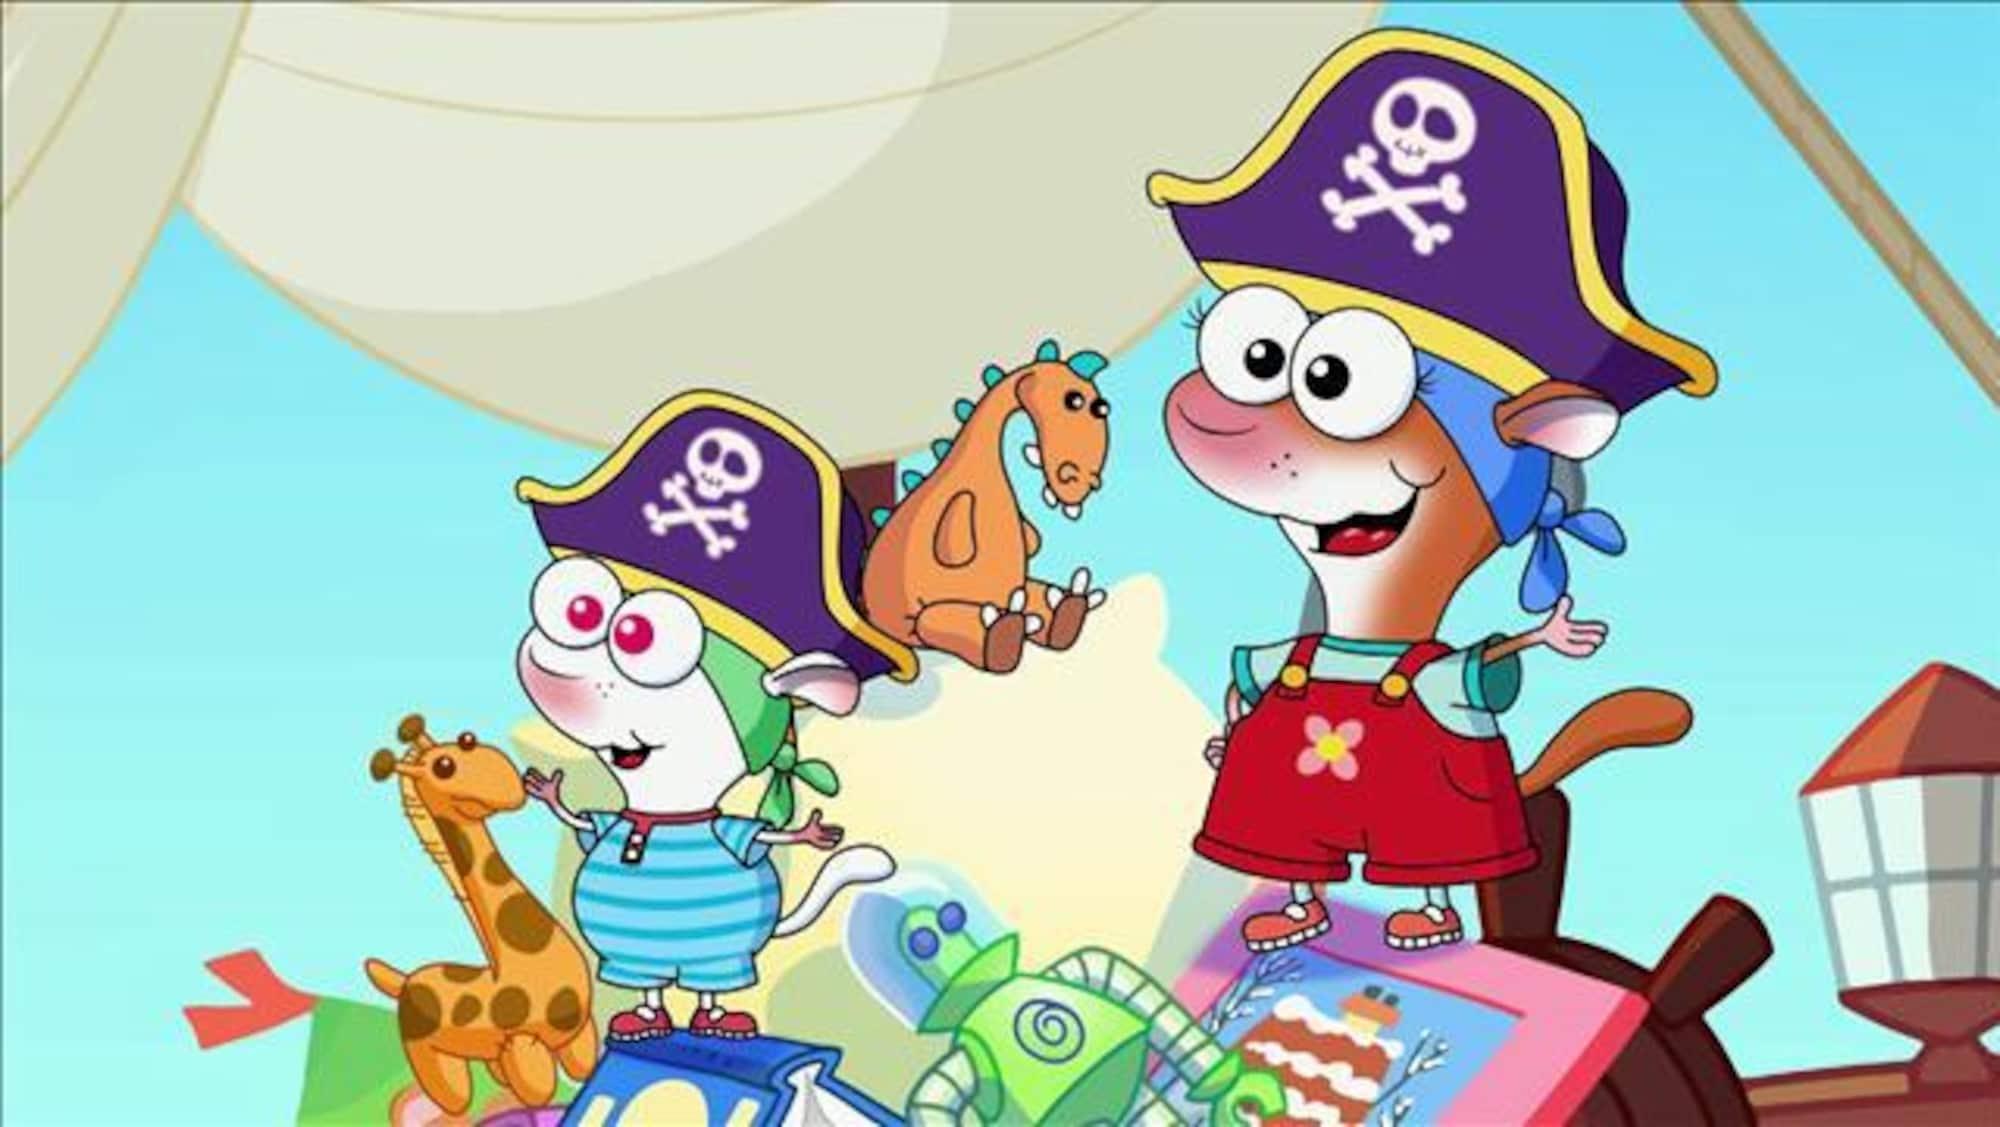 YaYa et Zouk sont habillés en pirate et ont l'air de bien s'amuser avec leurs amis.